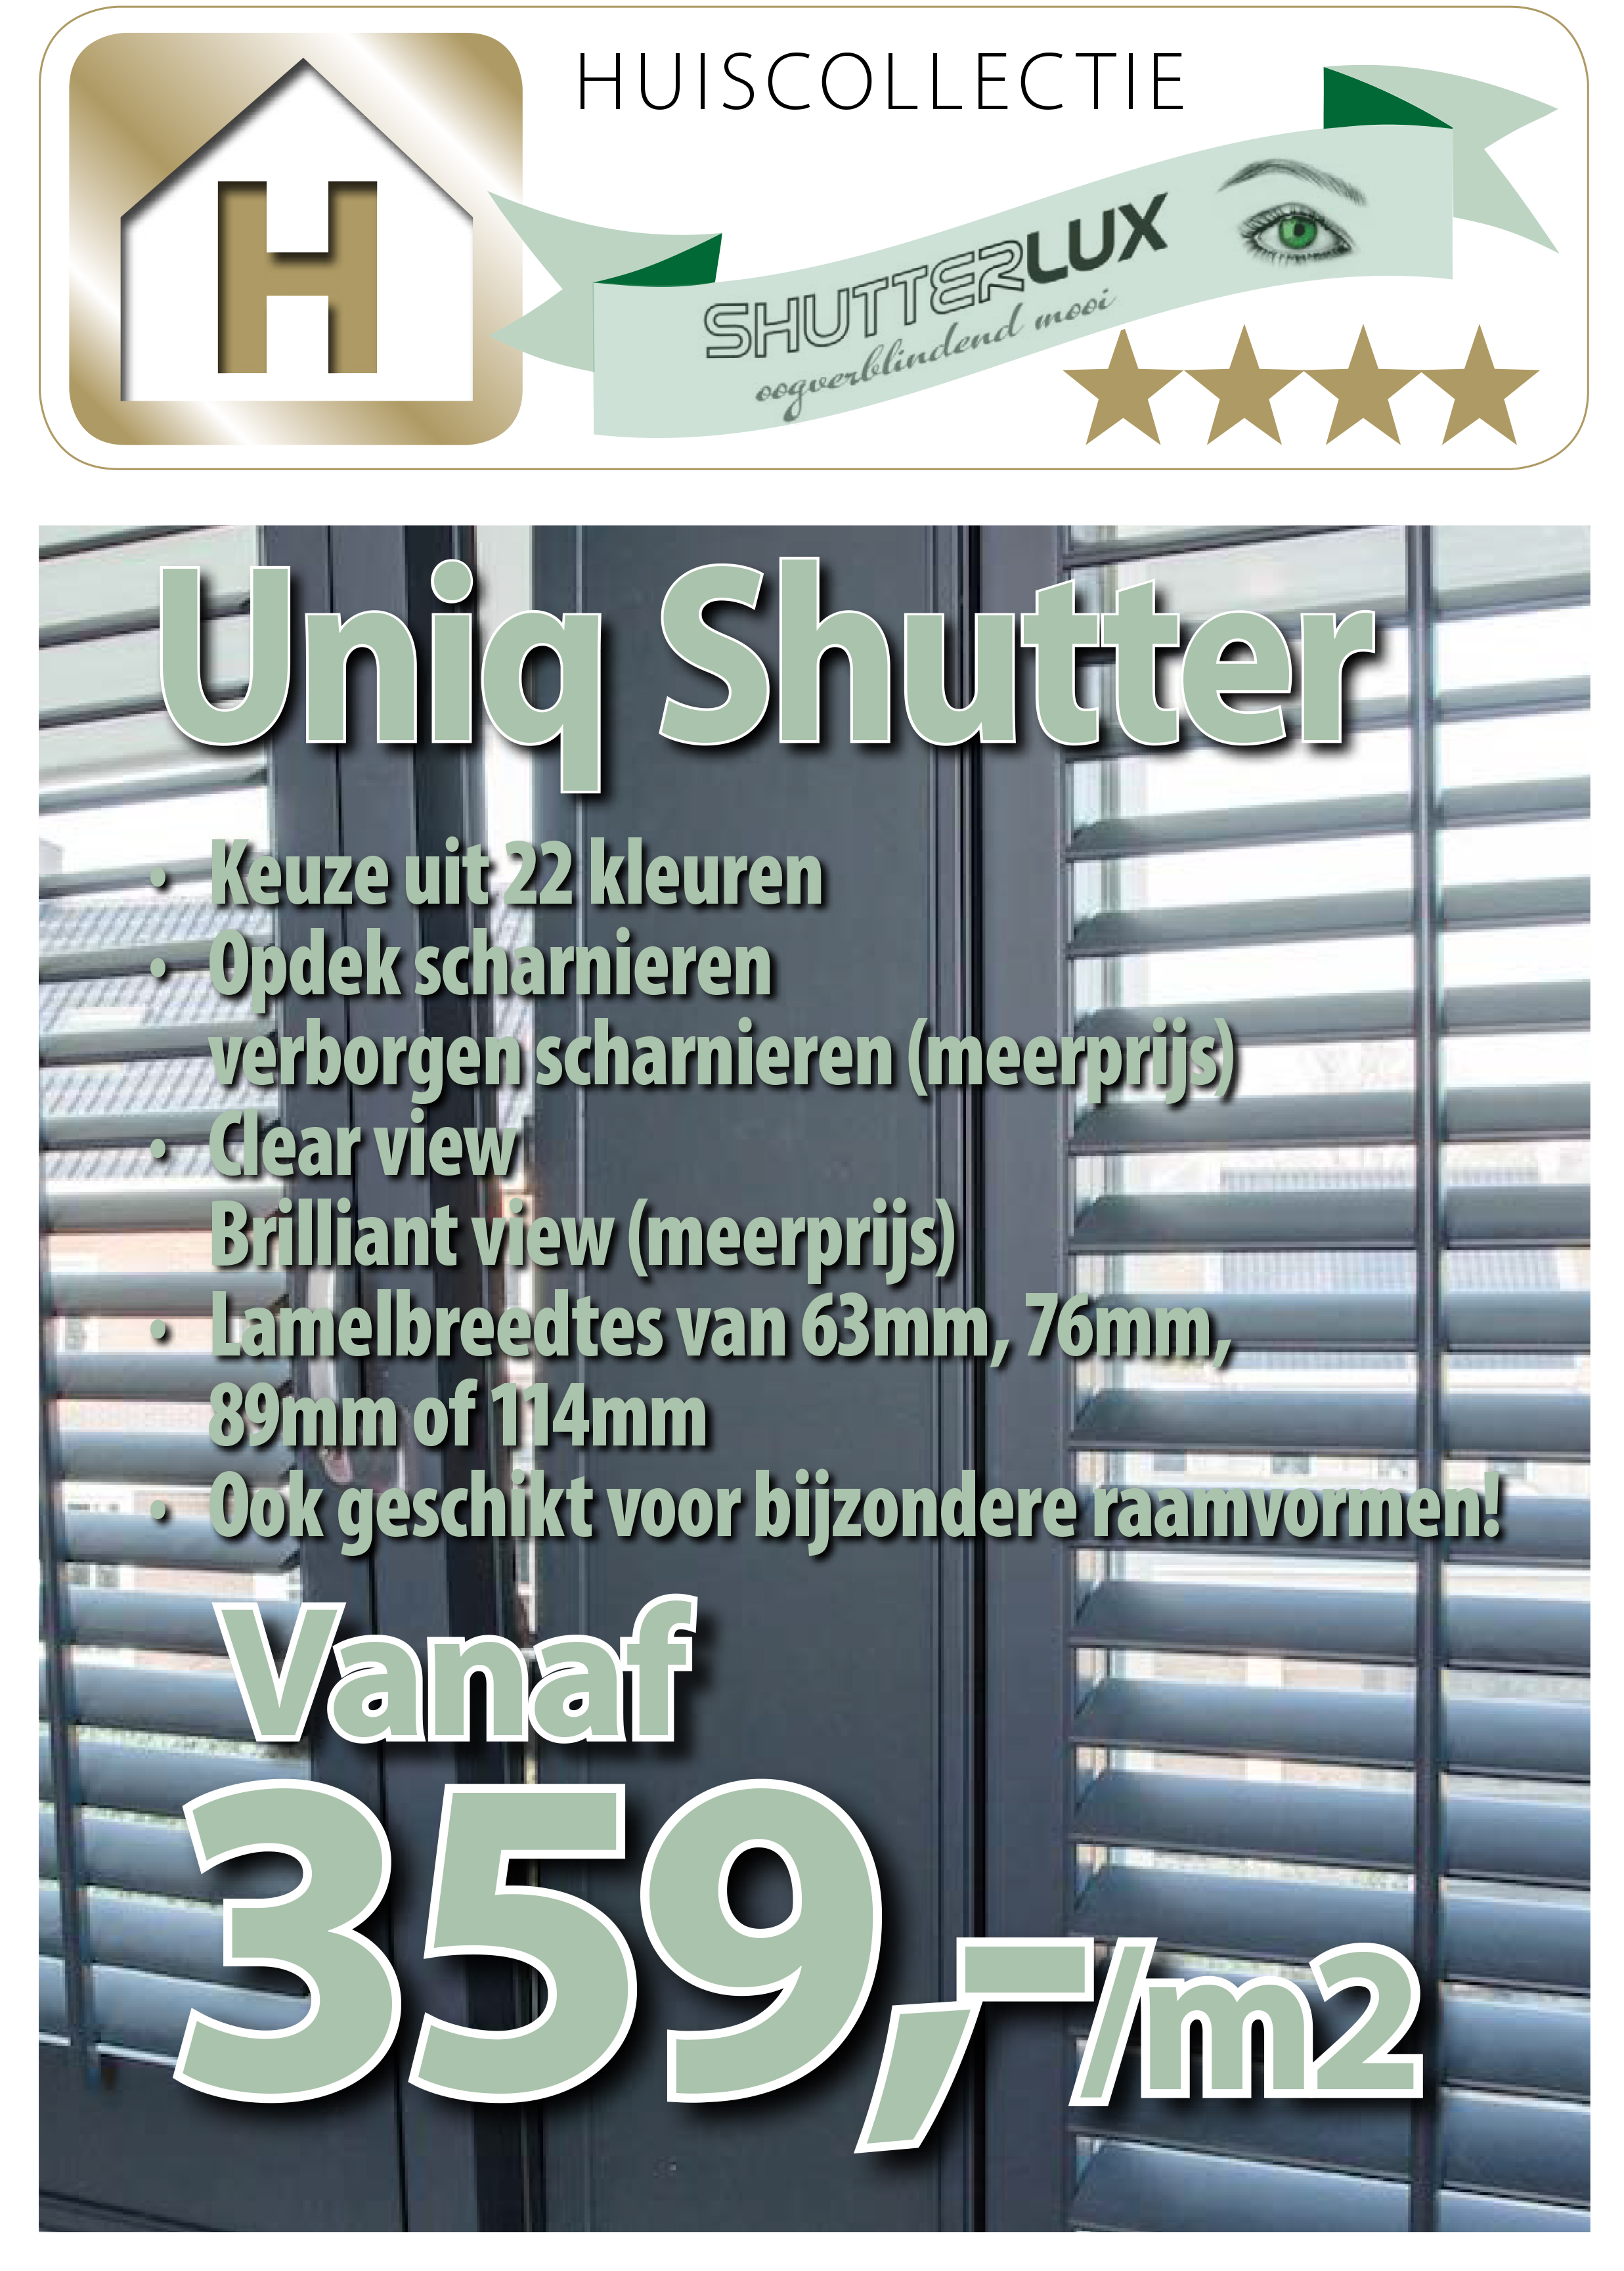 Uniq shutter huiscollectie